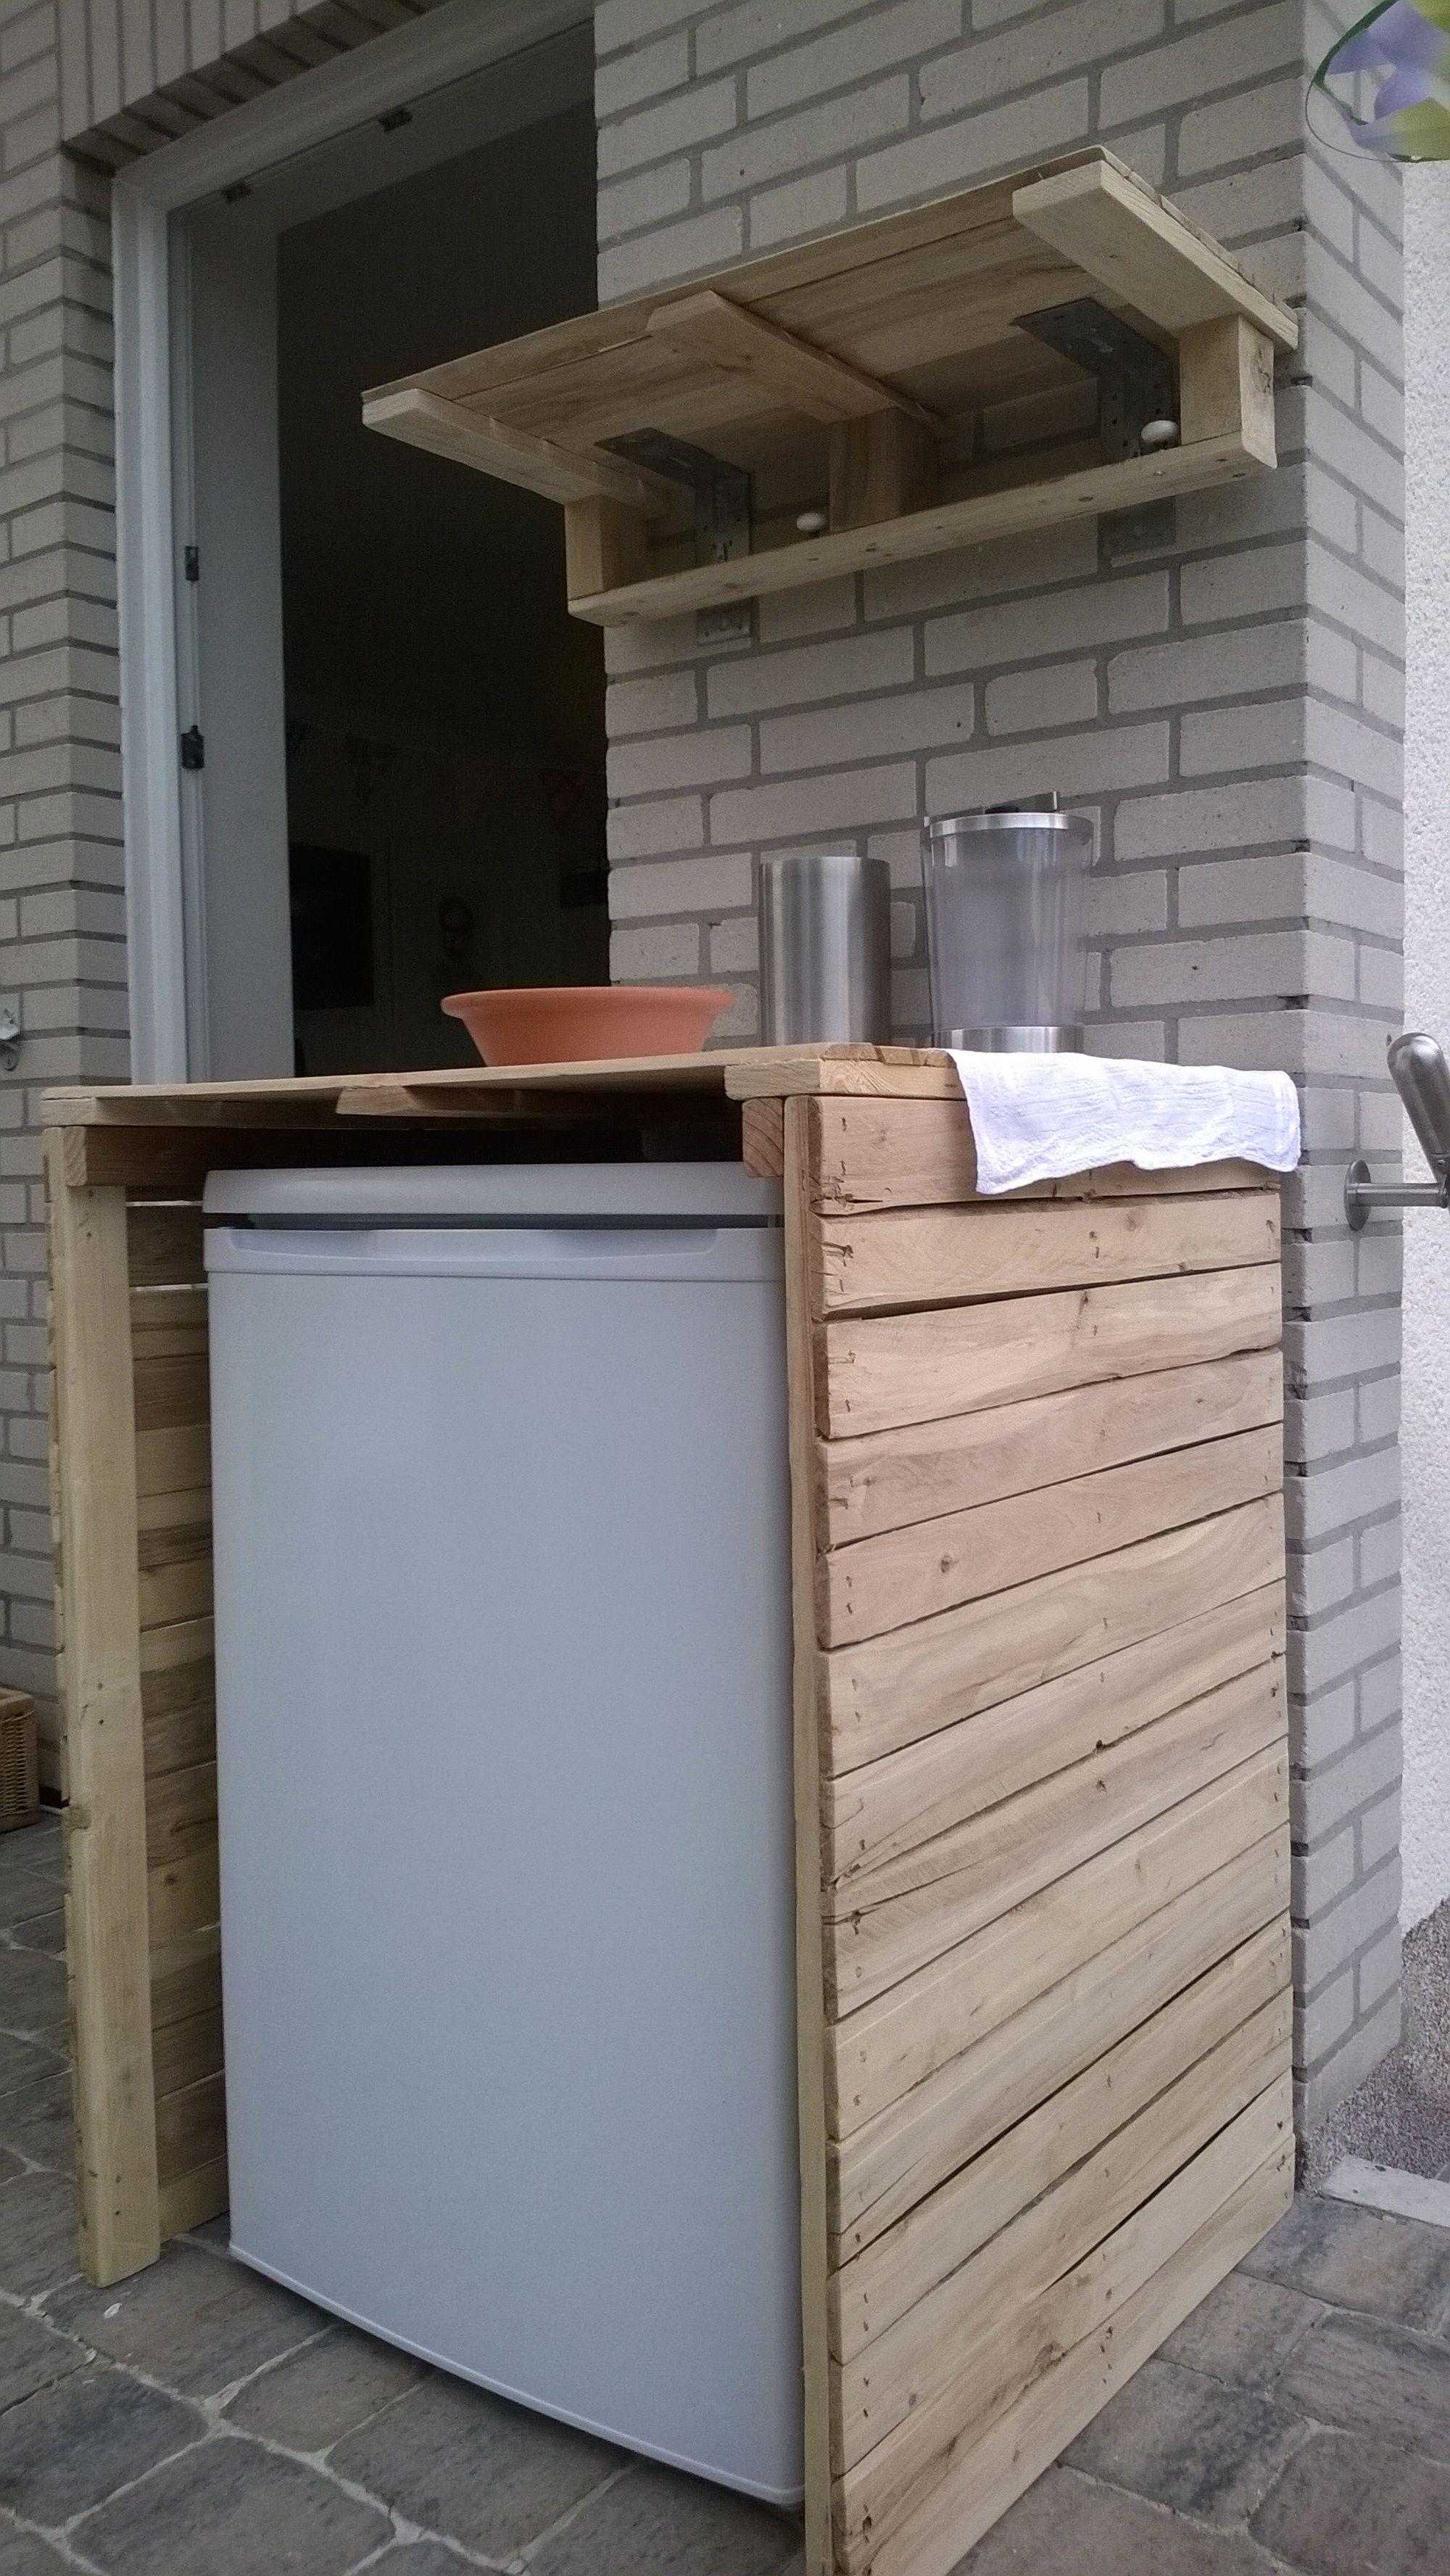 Kühlschrankverkleidung samt Regal aus drei gleichen Einwegpaletten